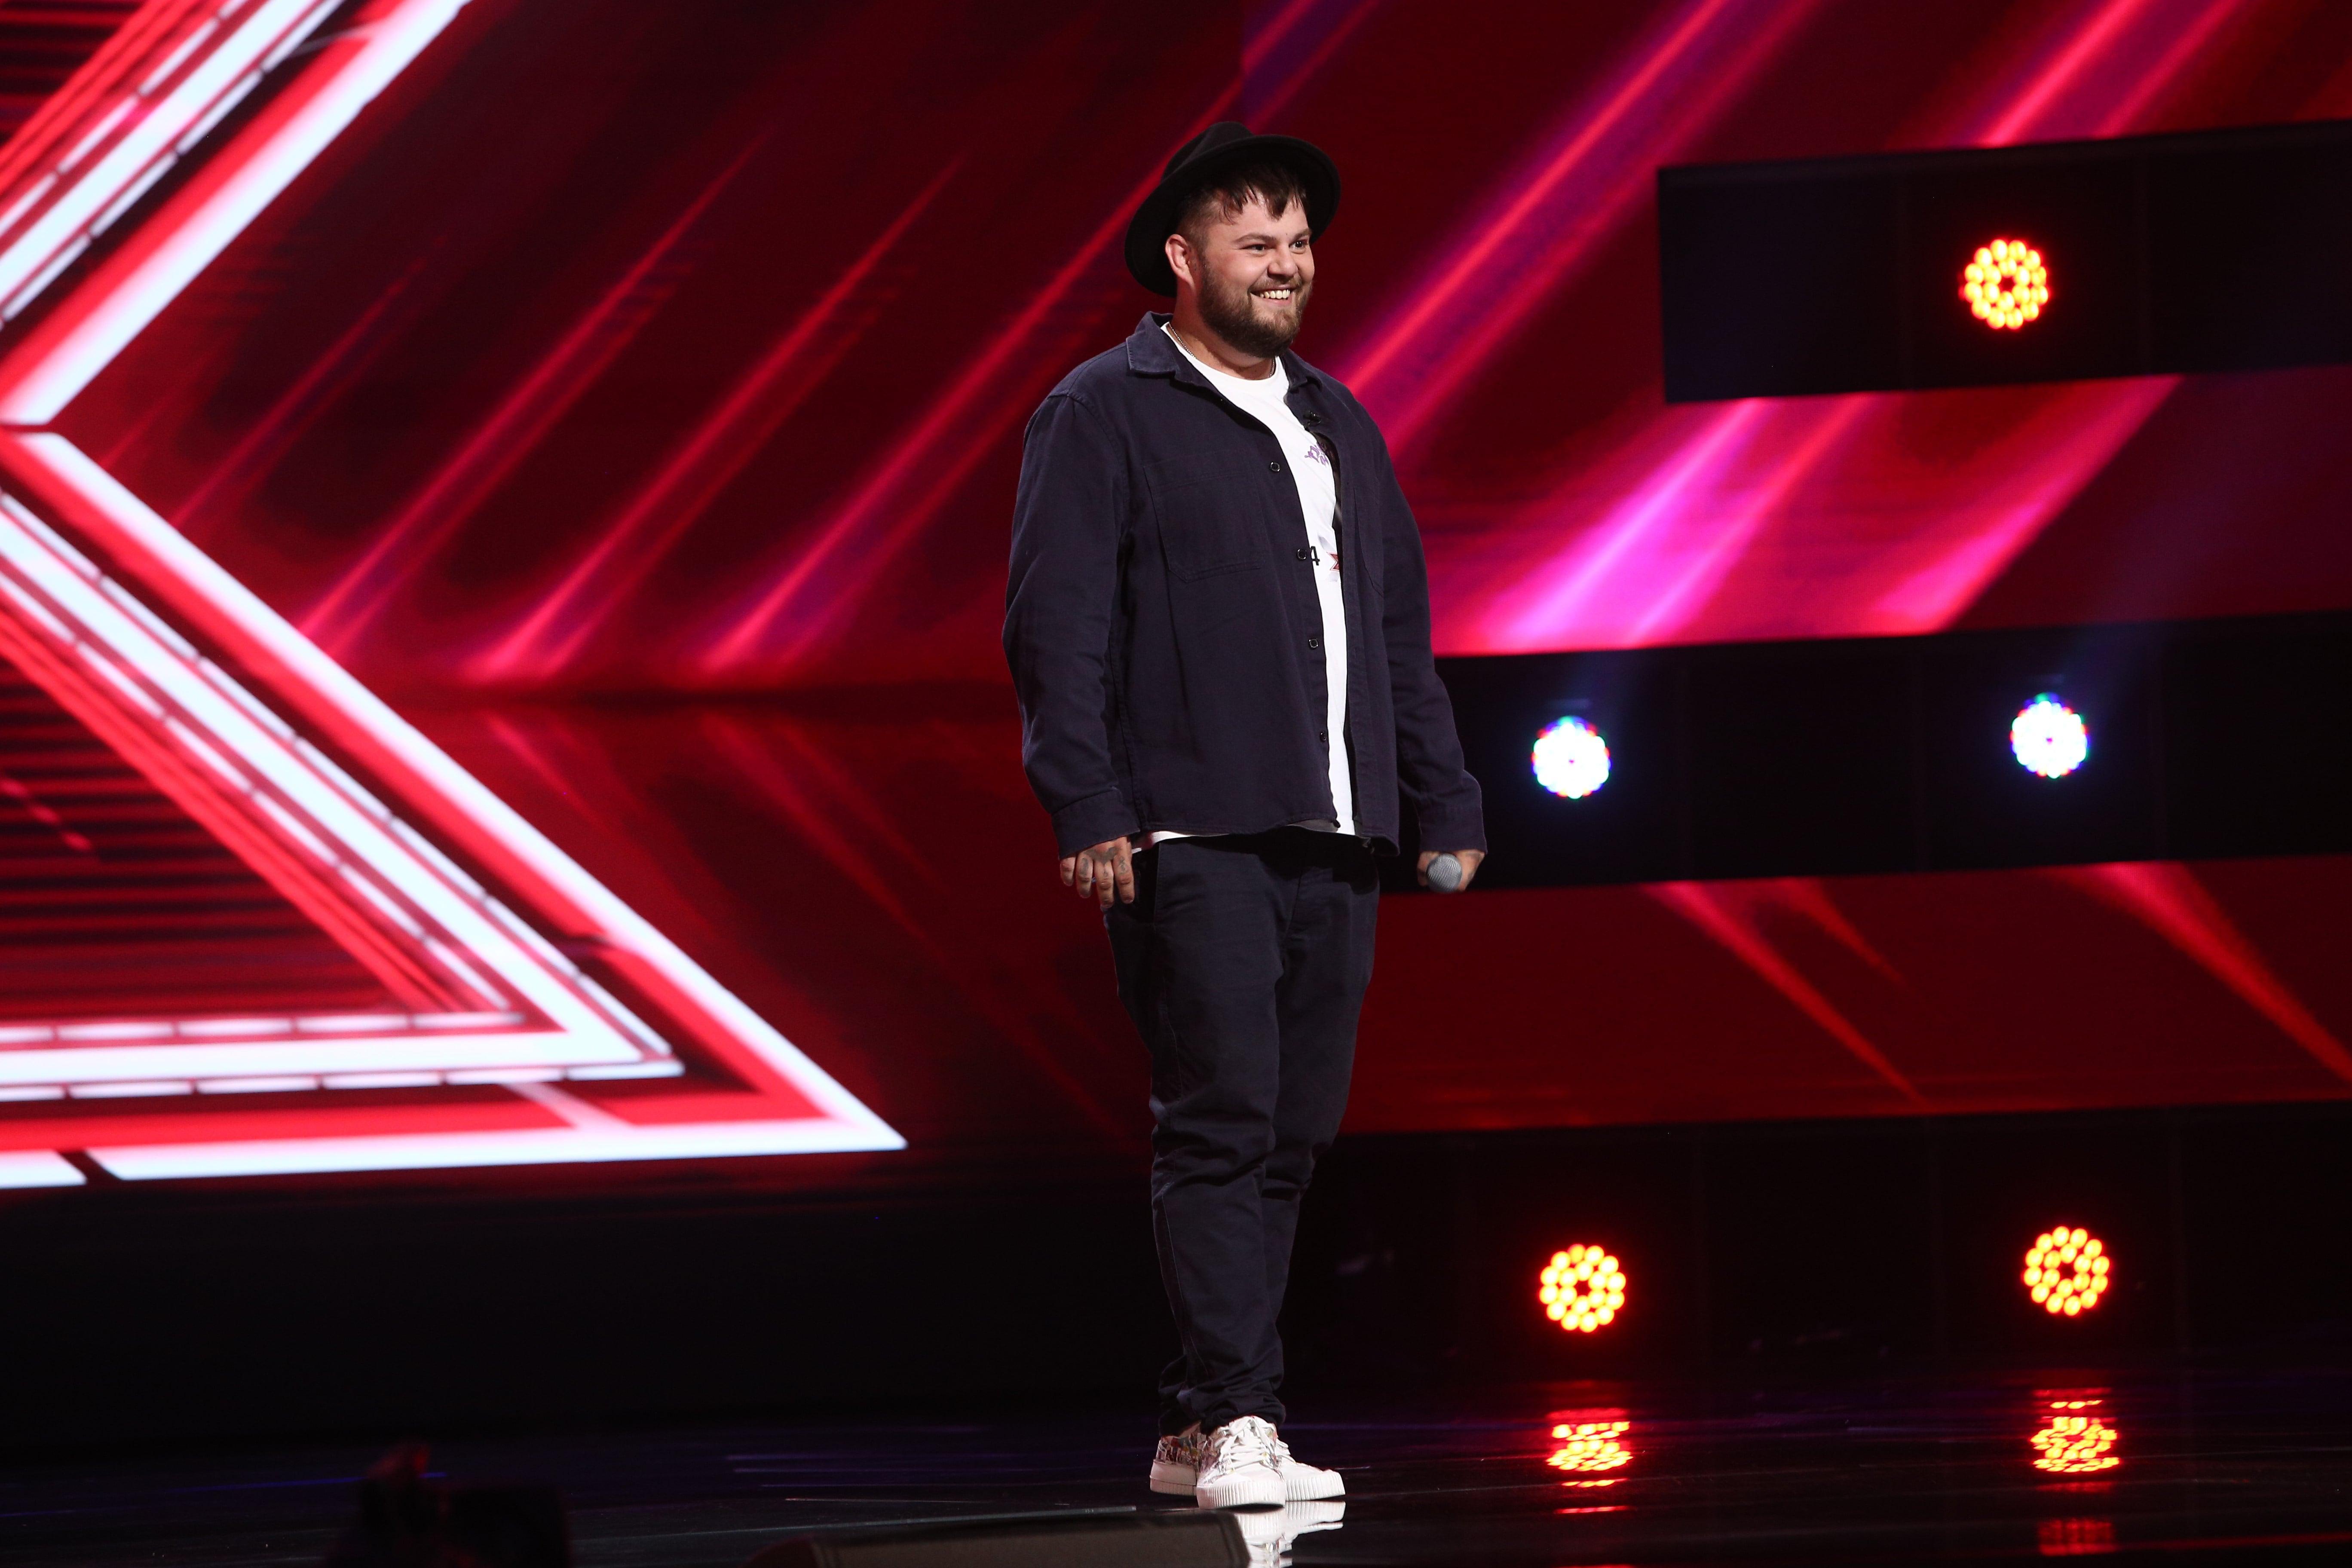 X Factor 2021, 24 septembrie. Bogdan Panaite Casper a făcut un moment de rap improvizat folosind cuvinte date de juriu